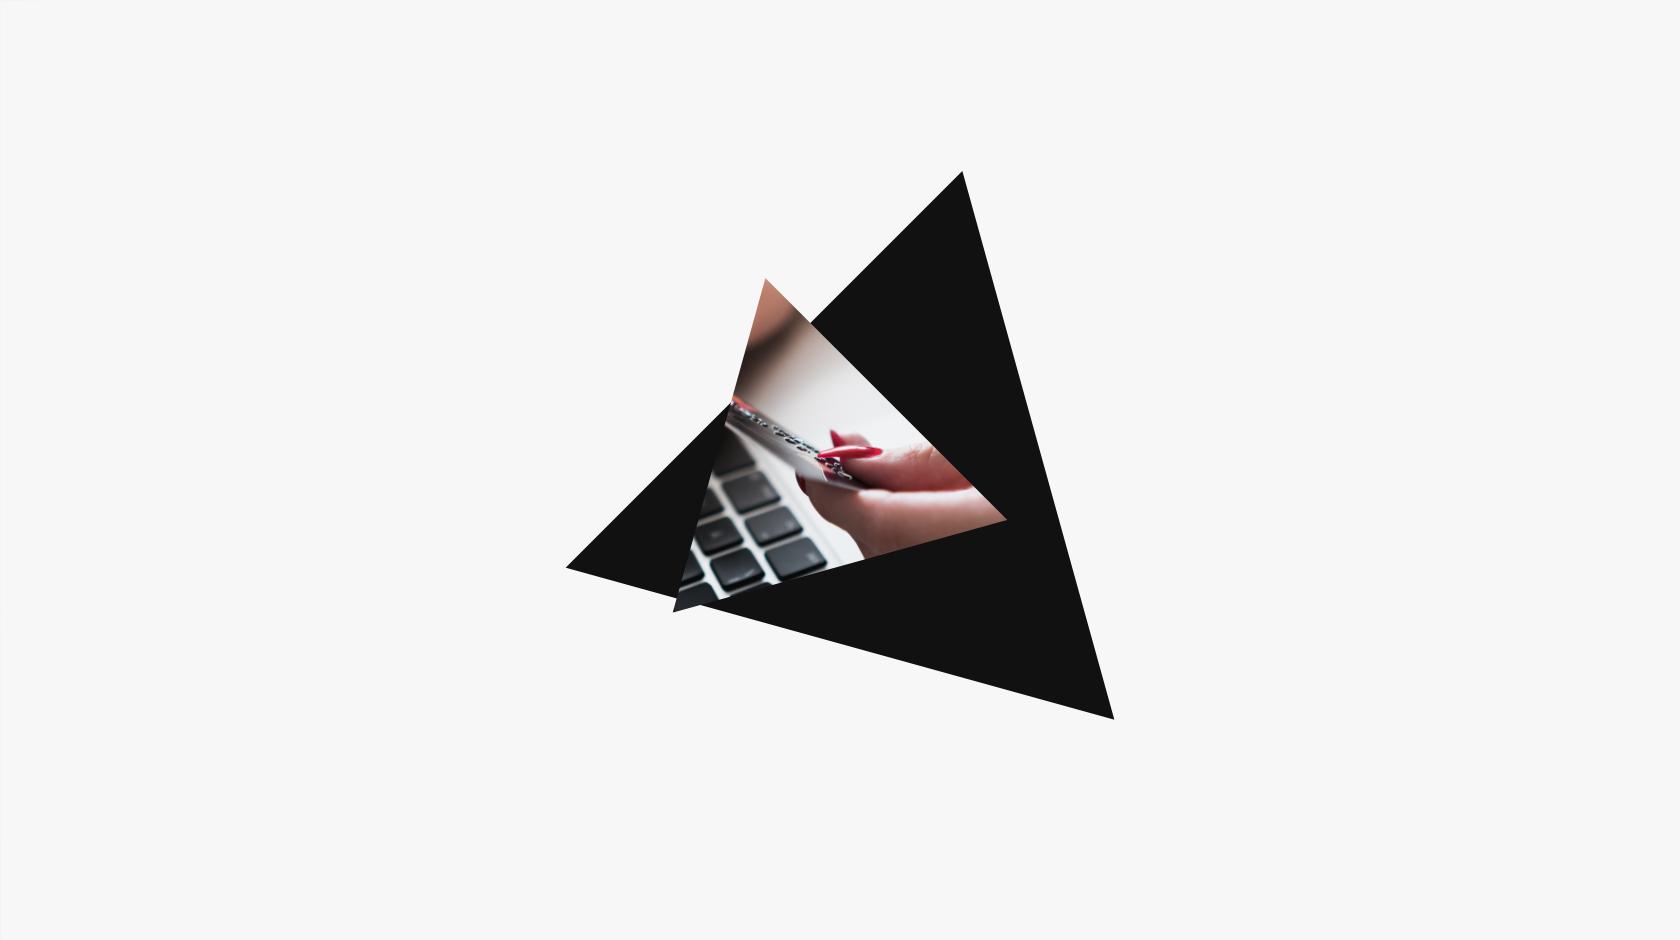 Webáruház tervezés, egyedi webáruház design készítés UX szempontok alapján